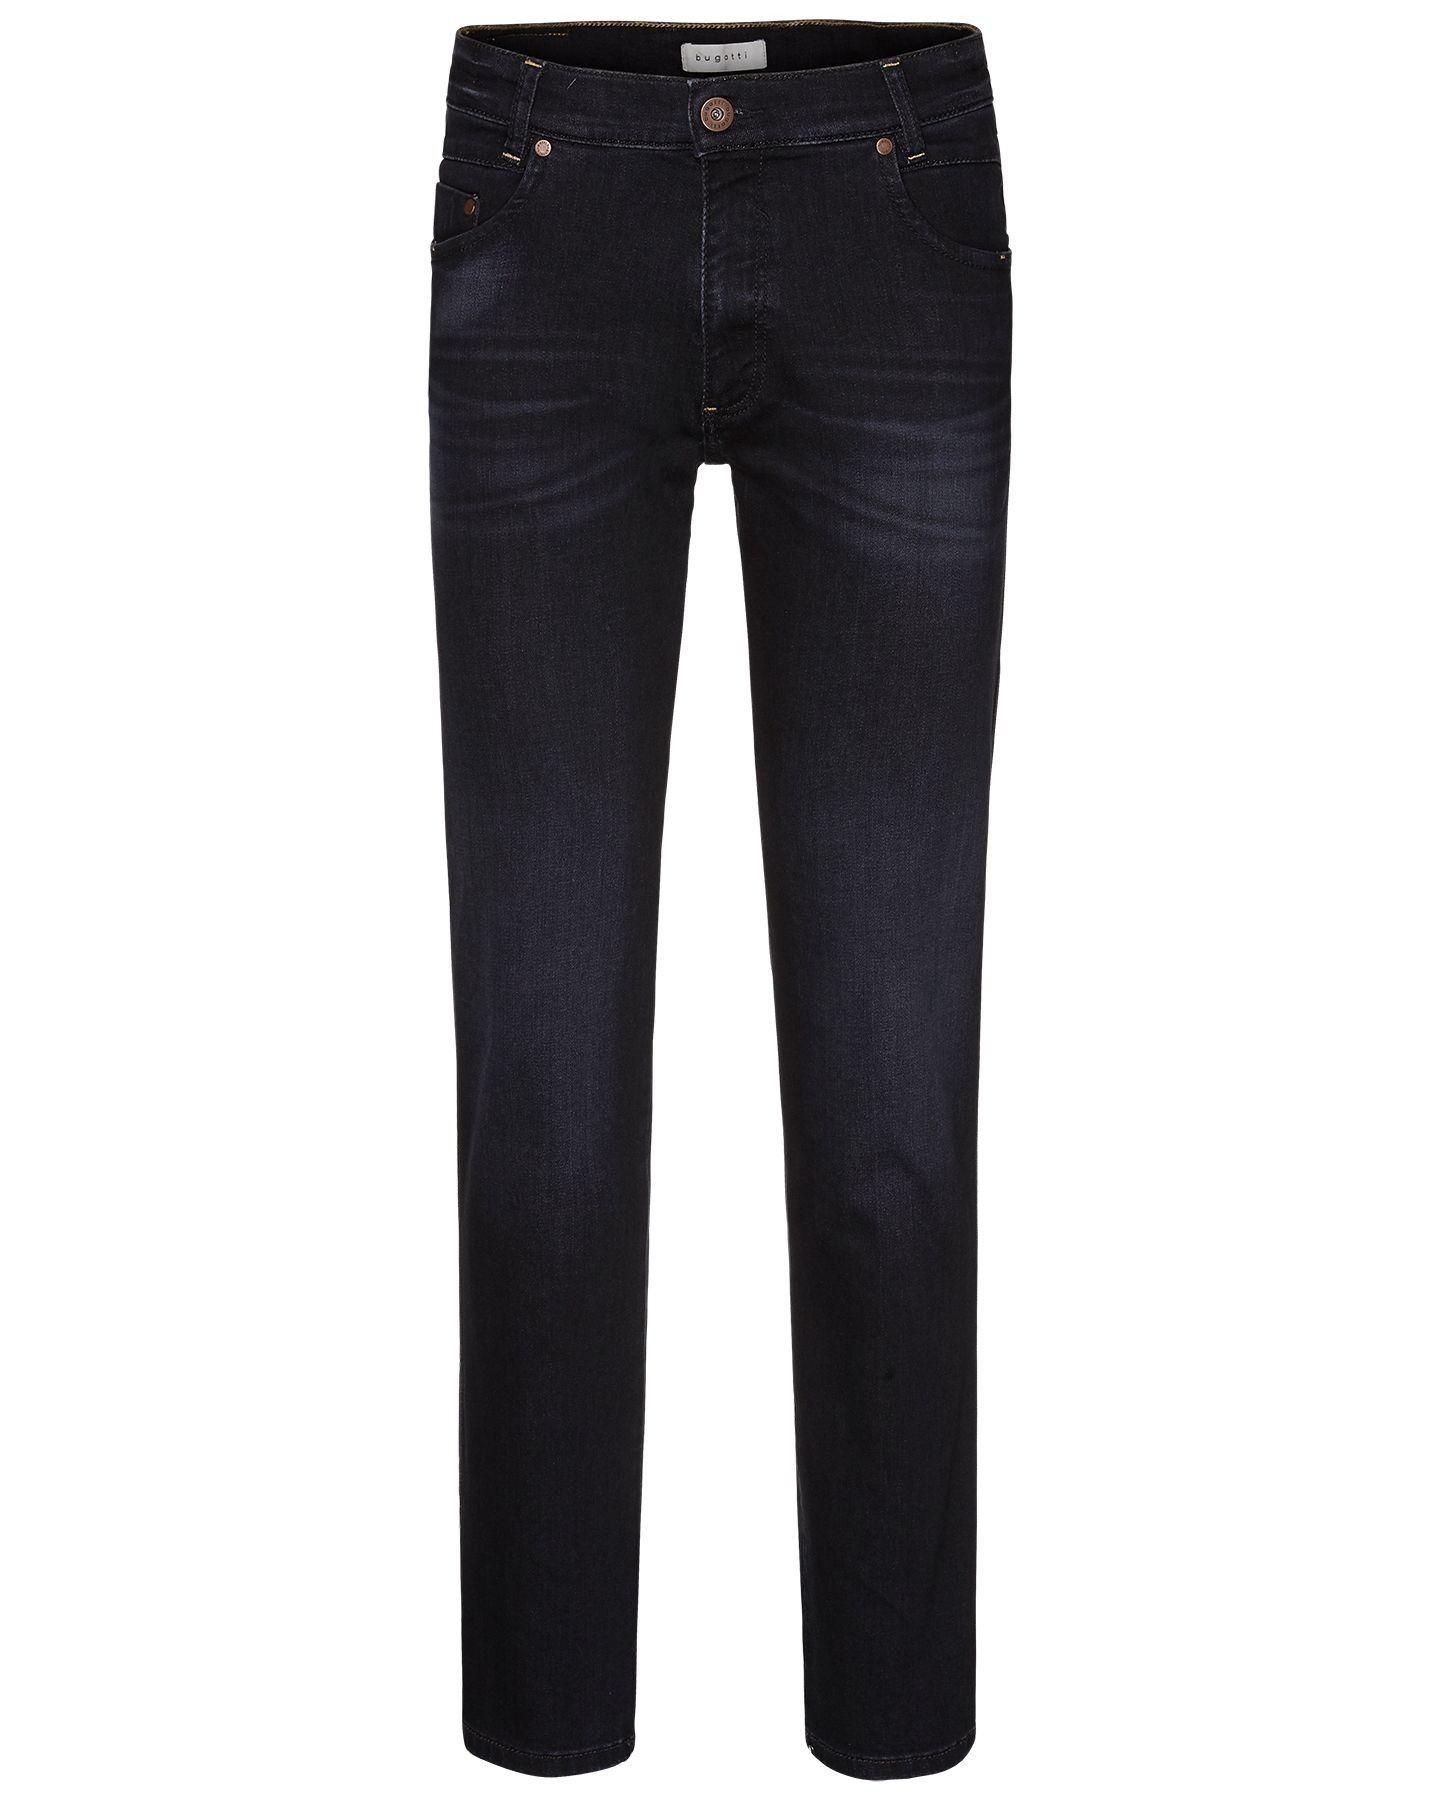 Bugatti - Herren Jeans in verschiedenen Farben - Modern Fit (Art. Nr.:3269D-16670) – Bild 8